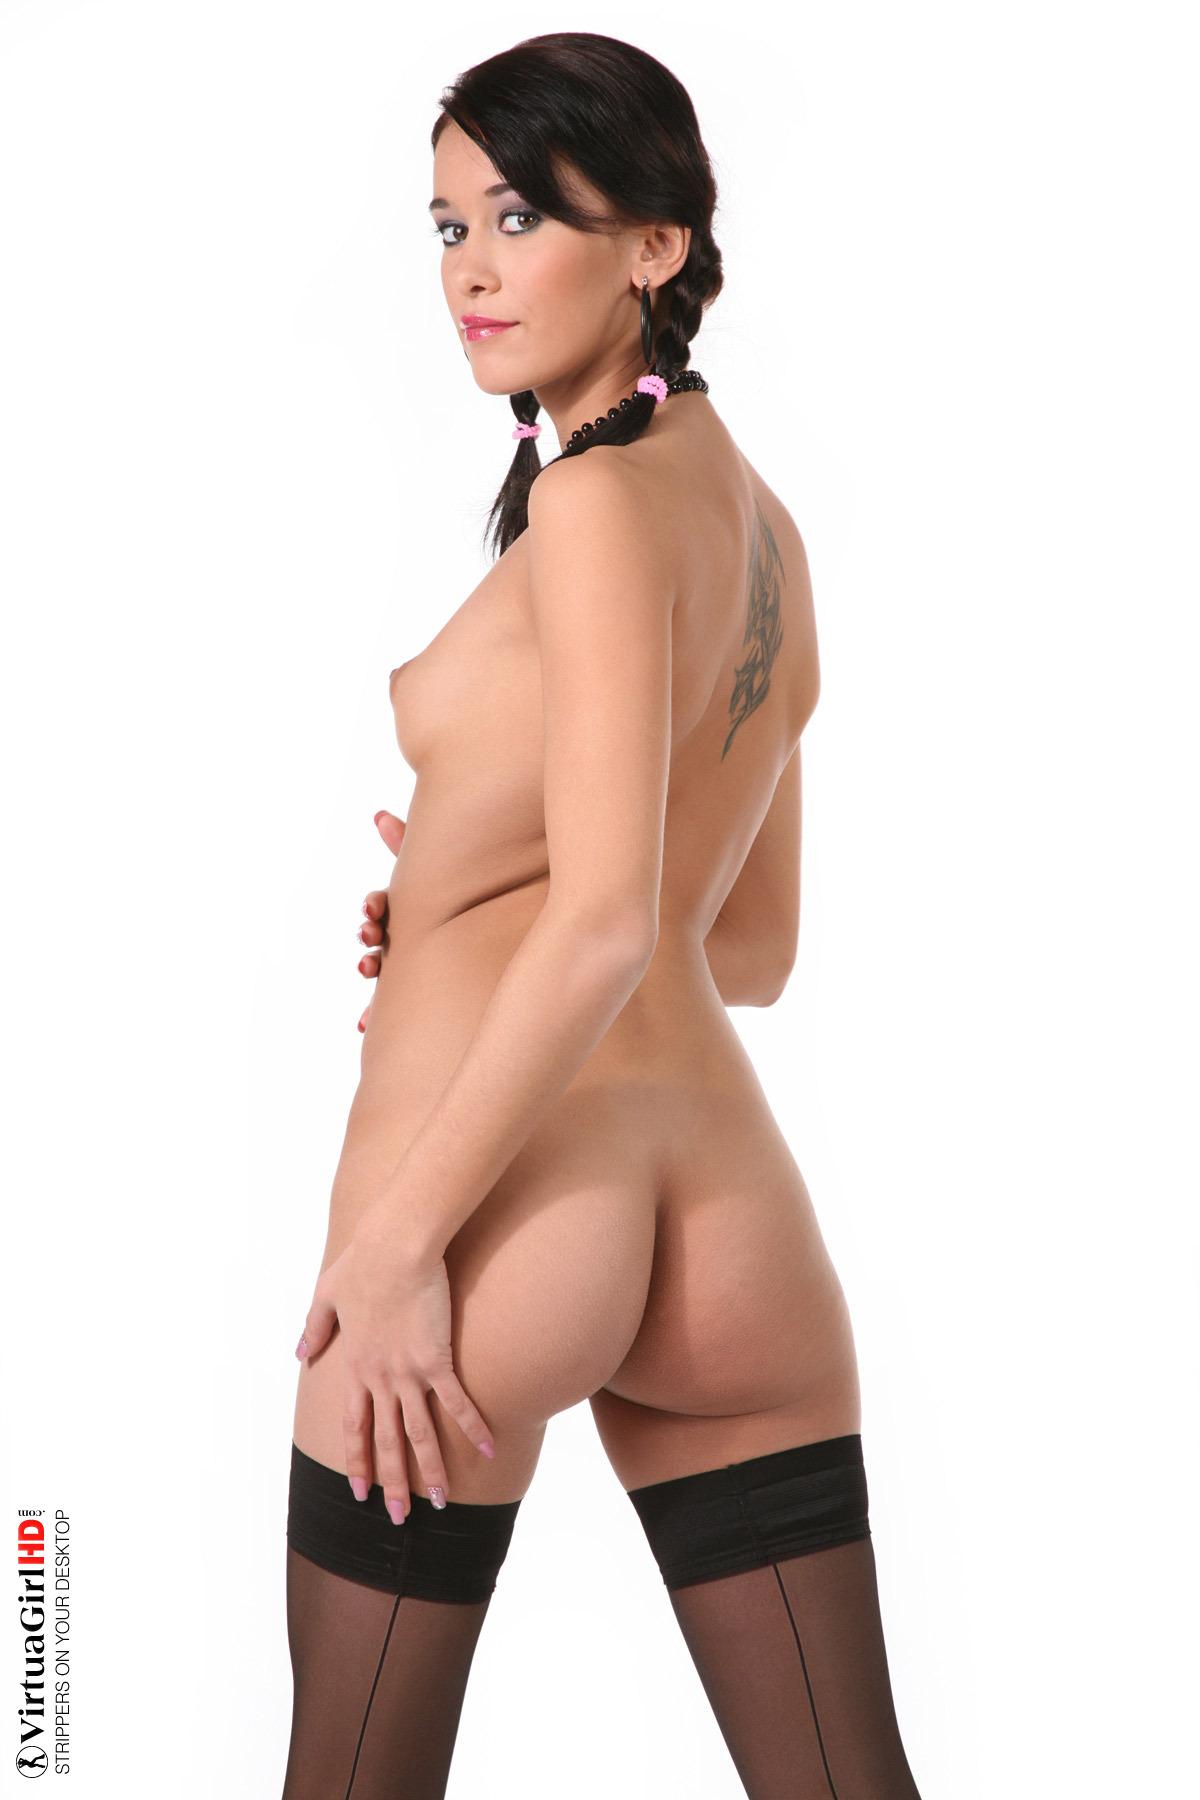 hot emo girls stripping